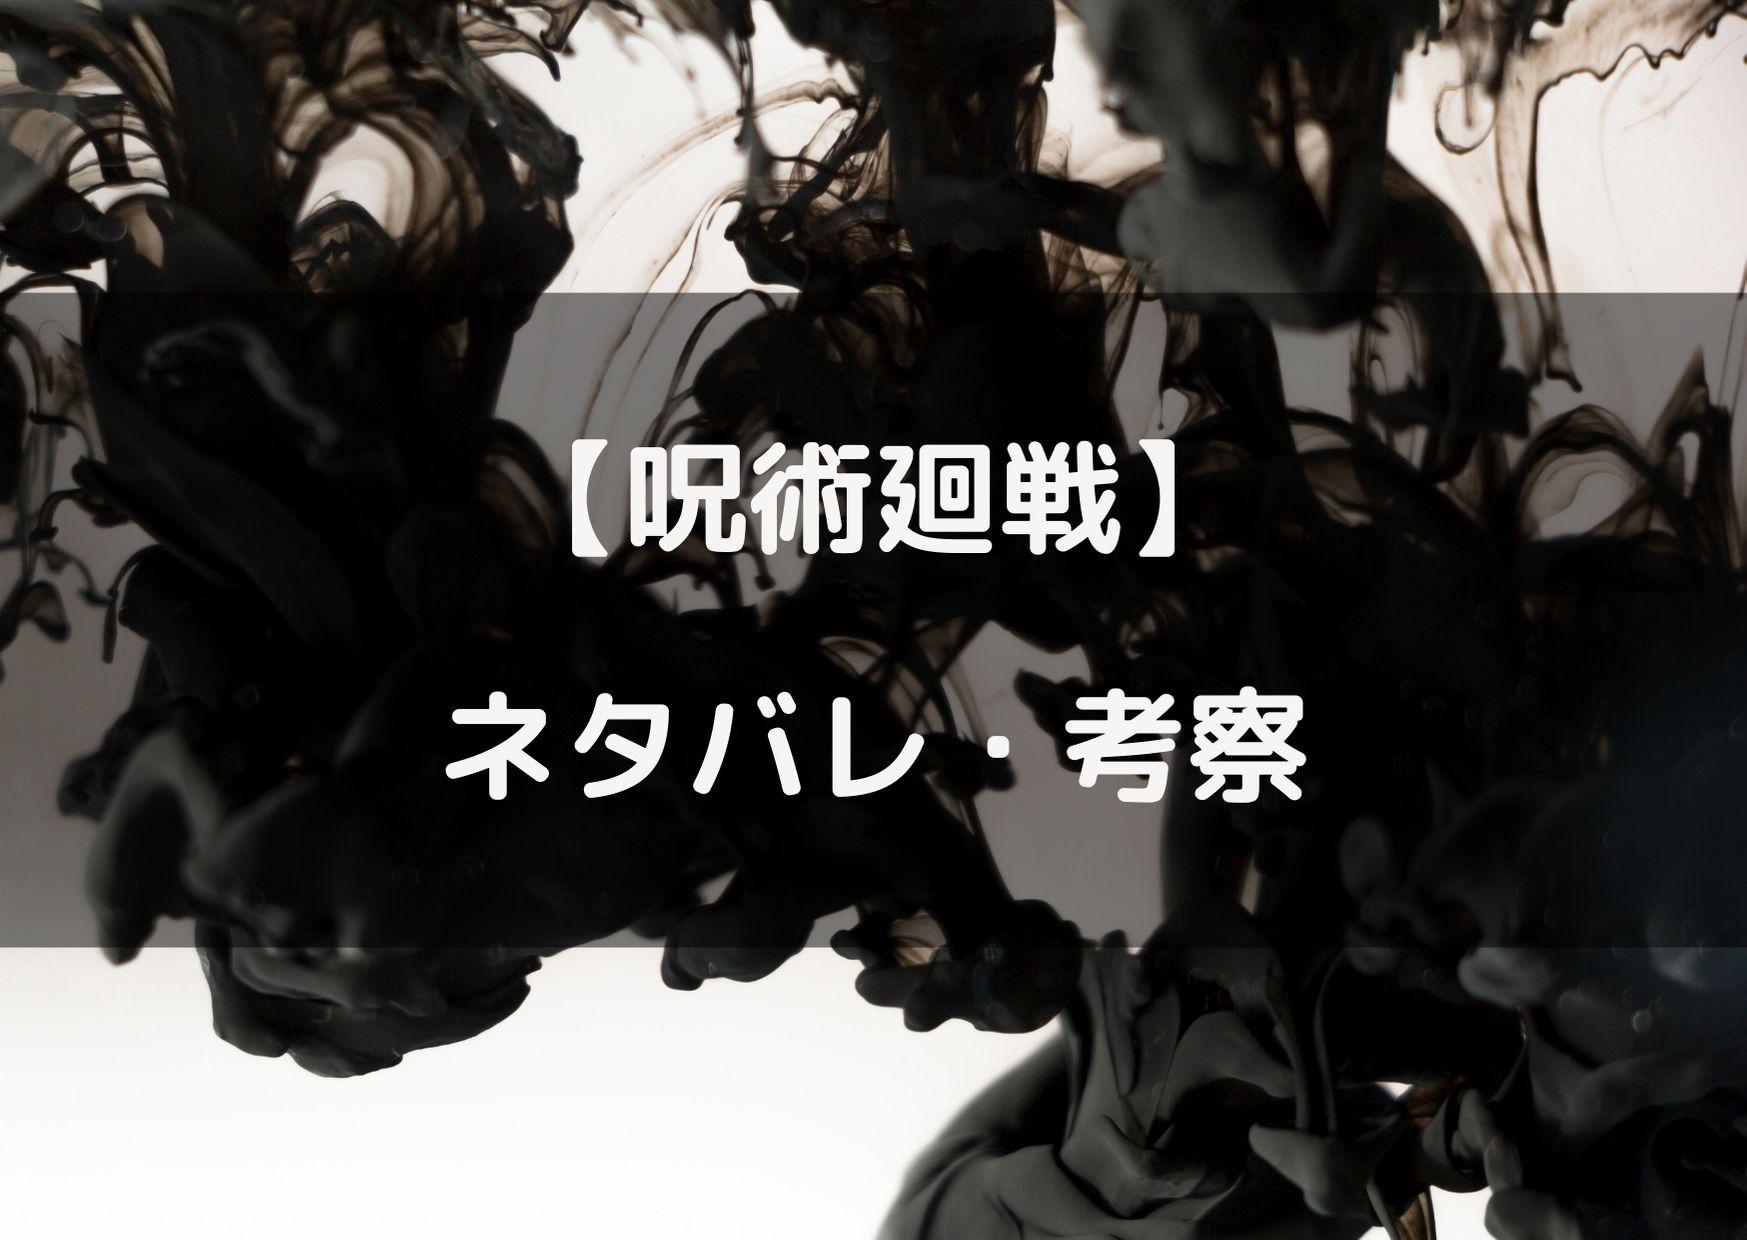 呪術廻戦 ネタバレ 最新 確定